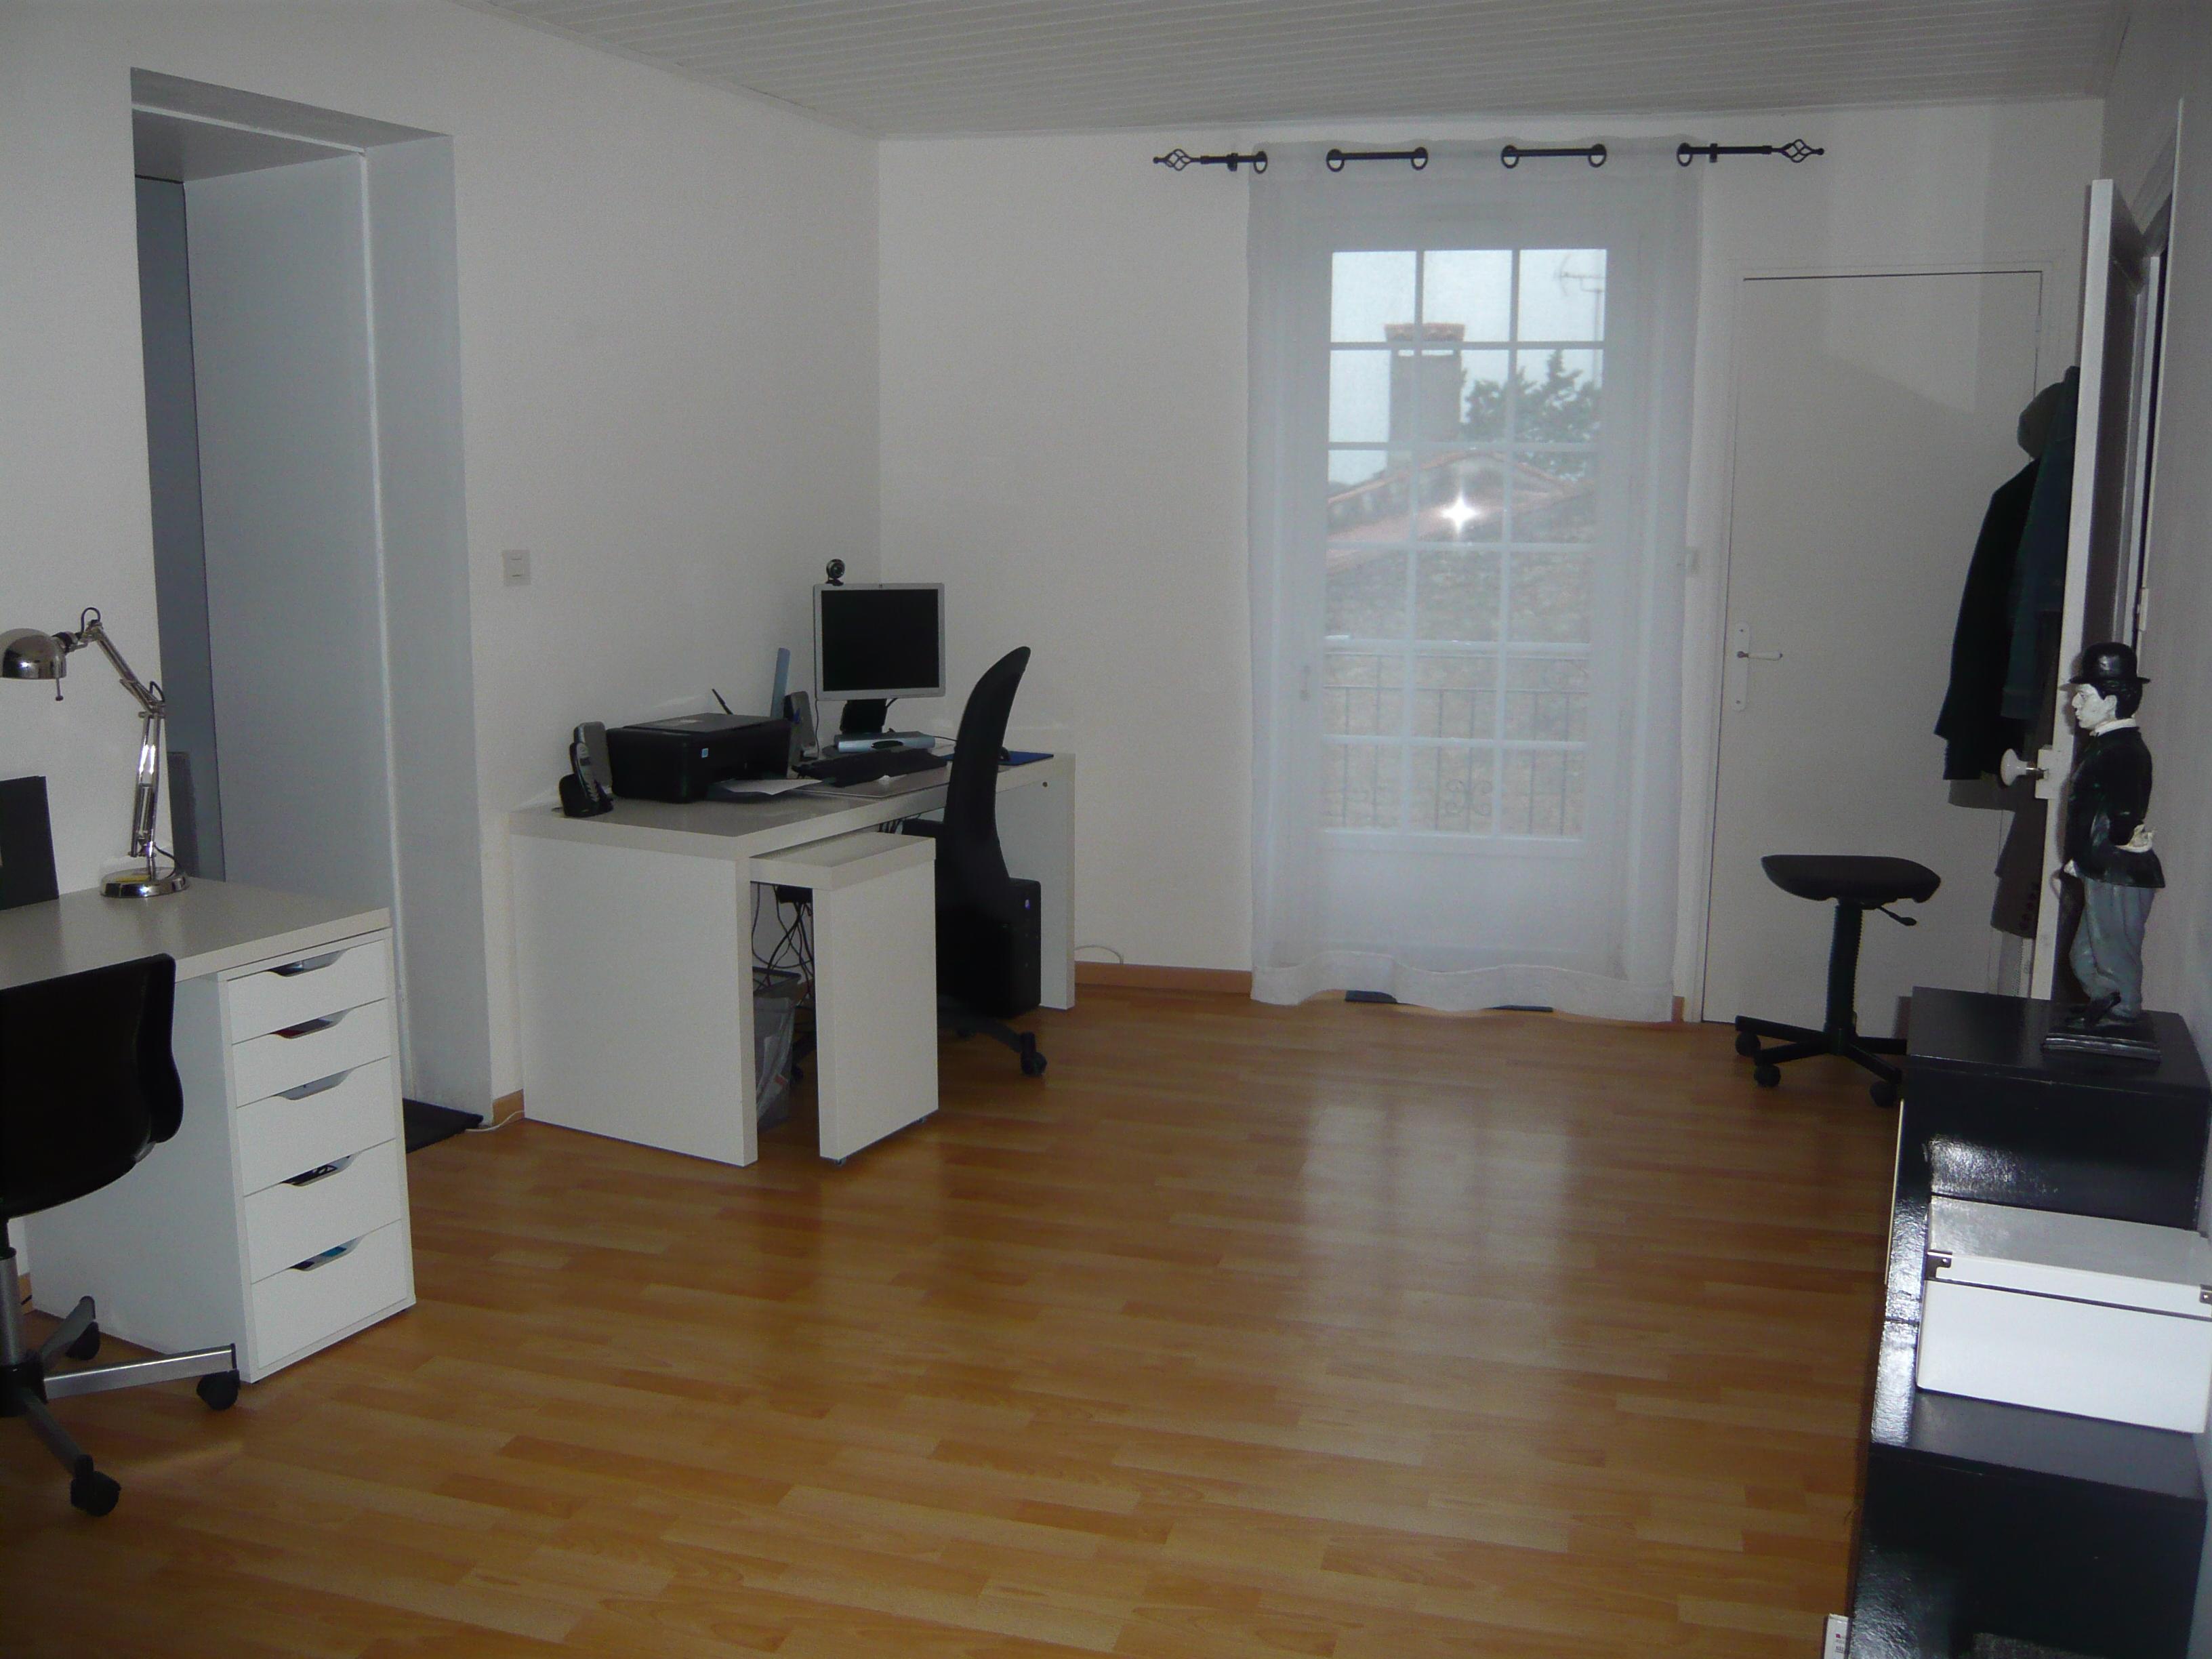 Maison à vendre entrée bureau